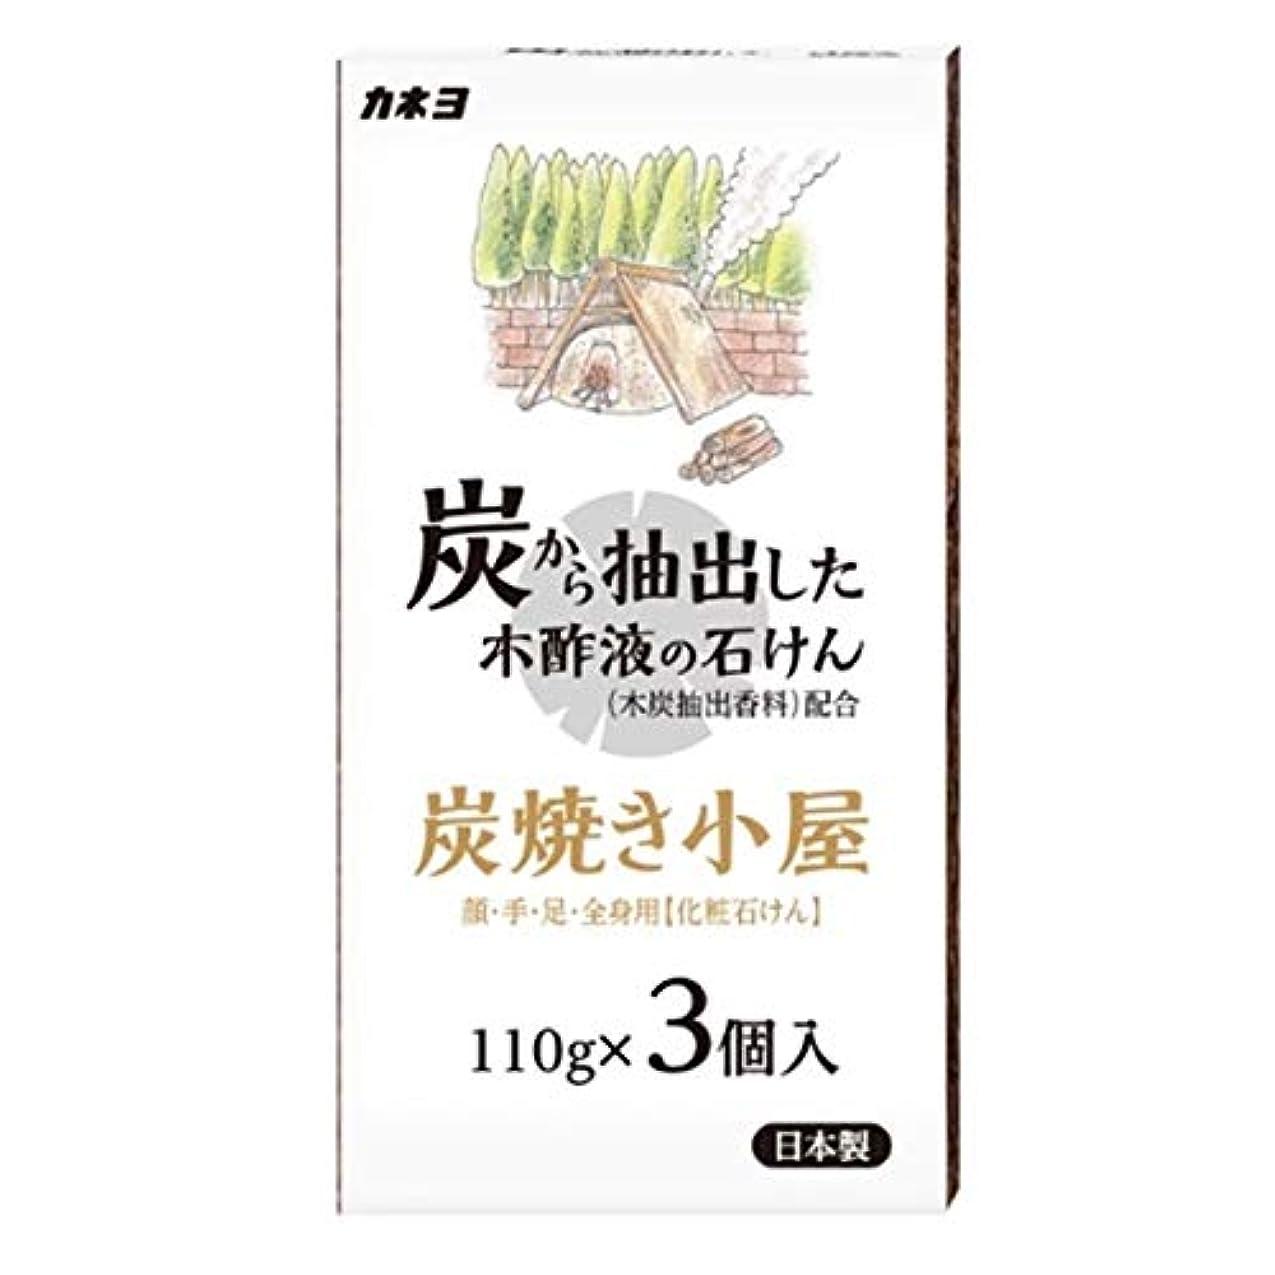 眠いですすき騒ぎ【ケース販売】 カネヨ石鹸 炭焼小屋 化粧石けん 110g×3個入 36箱